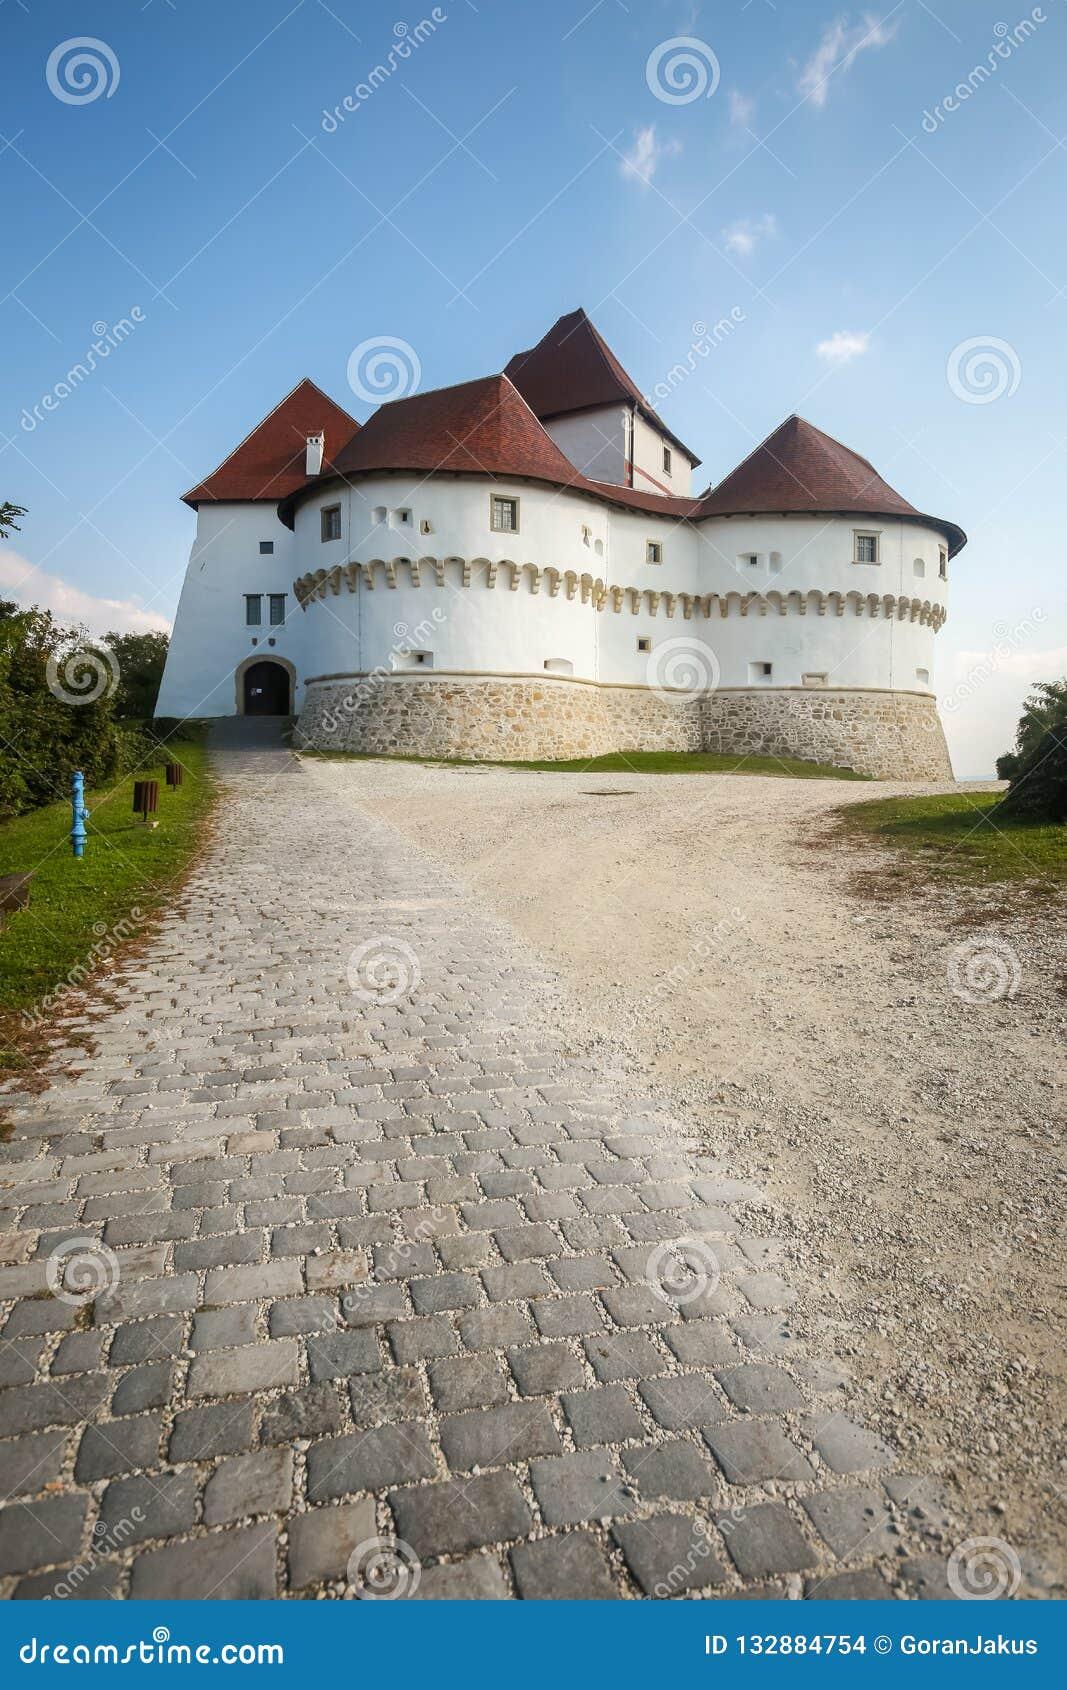 Veliki Tabor castle in Zagorje